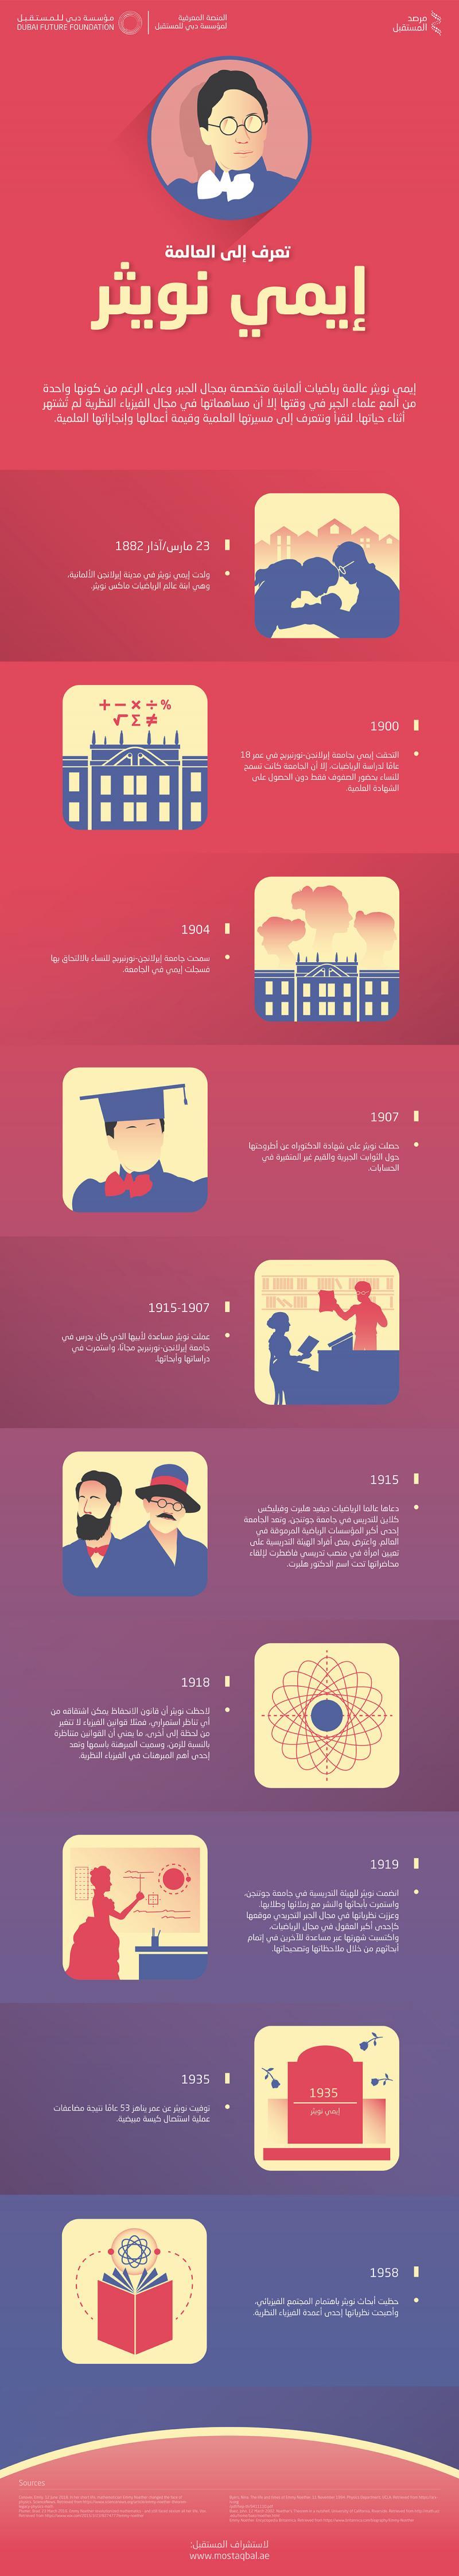 تعرف على العالمة #إيمي_نويثر #انفوجرافيك #انفوجرافيك_عربي